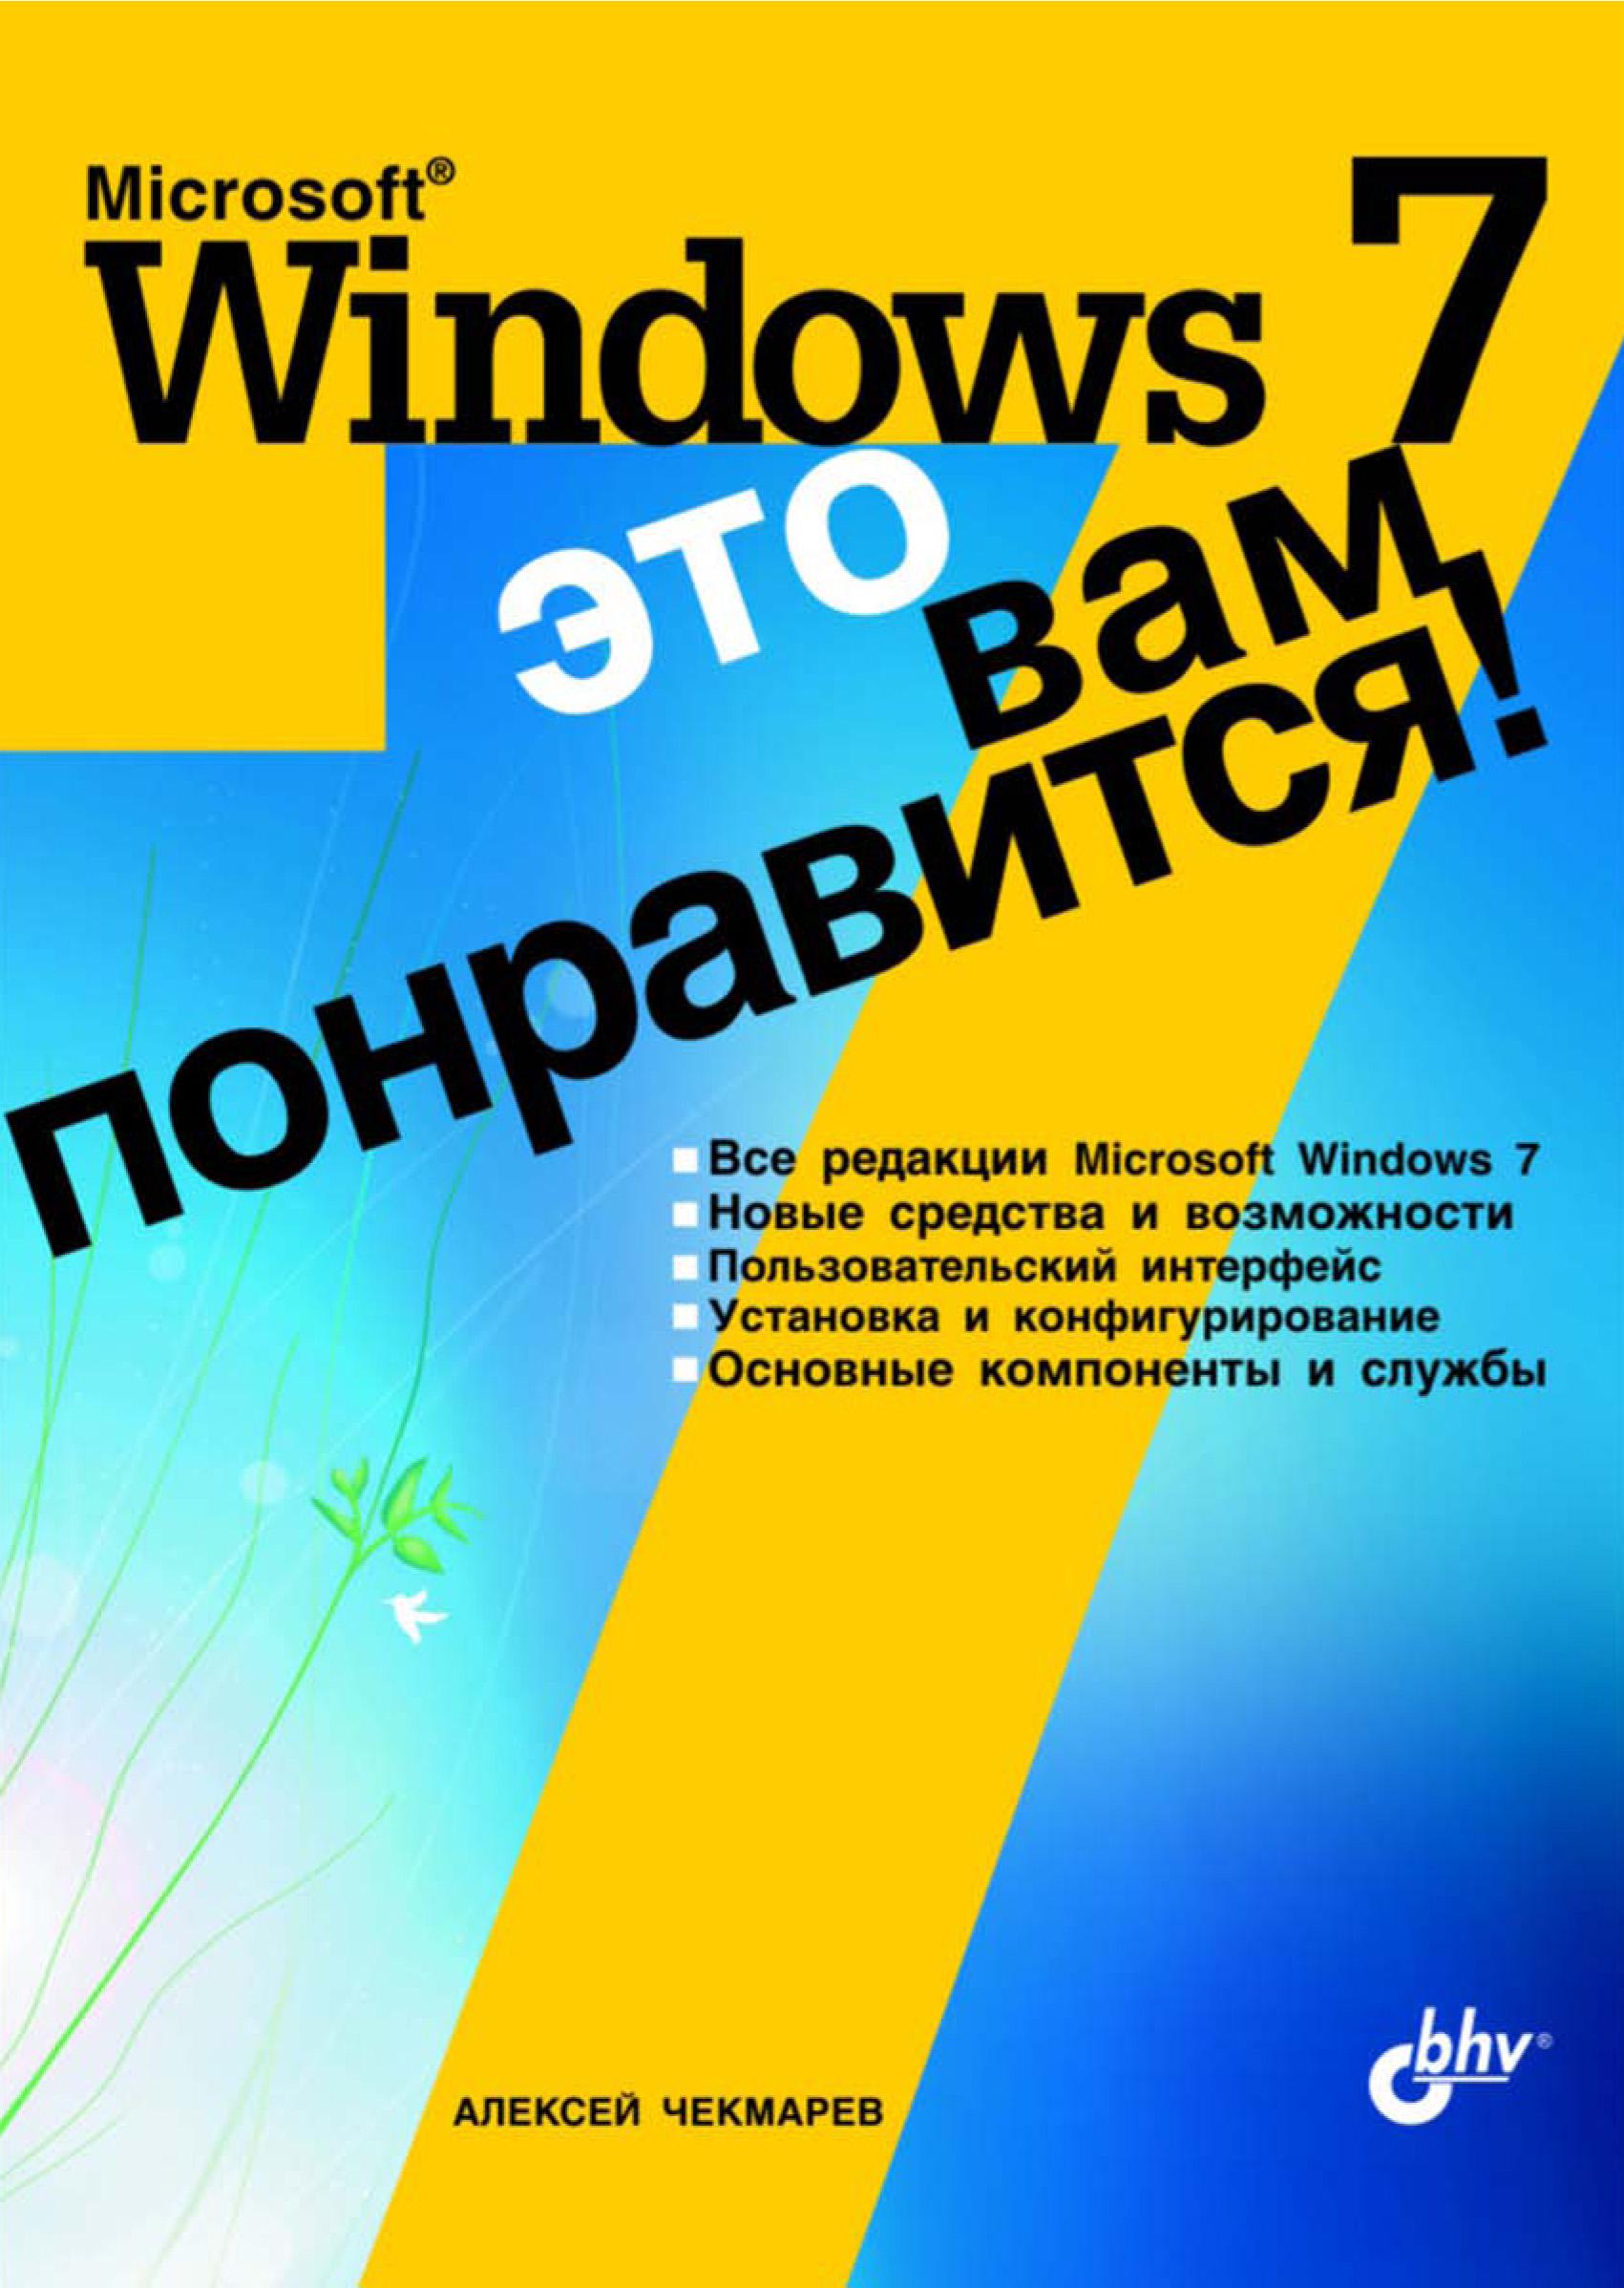 Алексей Чекмарев Microsoft Windows 7 – это вам понравится! microsoft windows 7 для пользователей cd